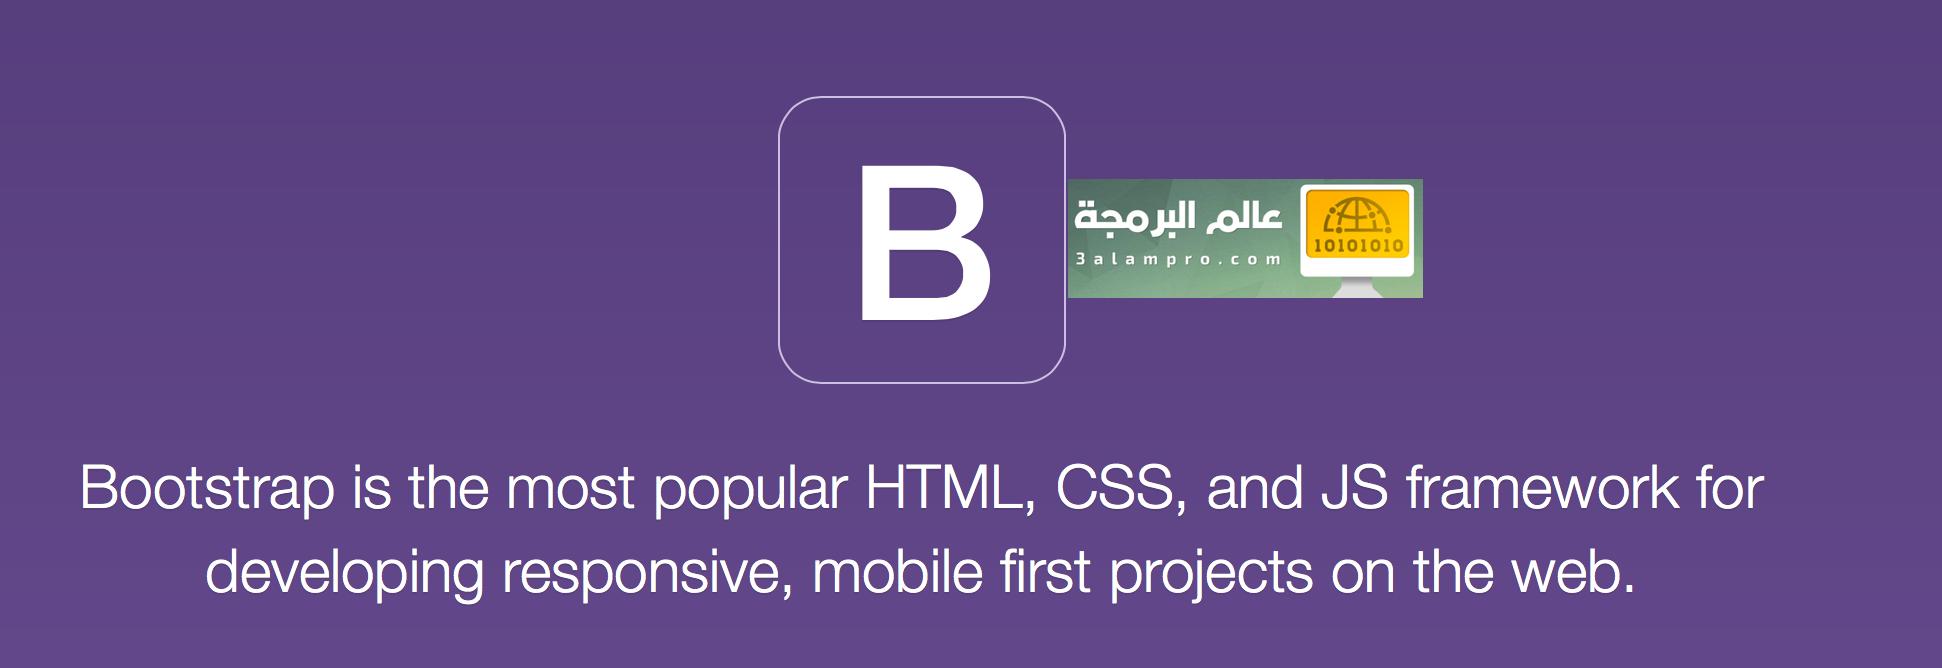 مصادر  Bootstrap 3 من إضافات و قوالب ودعم العربية